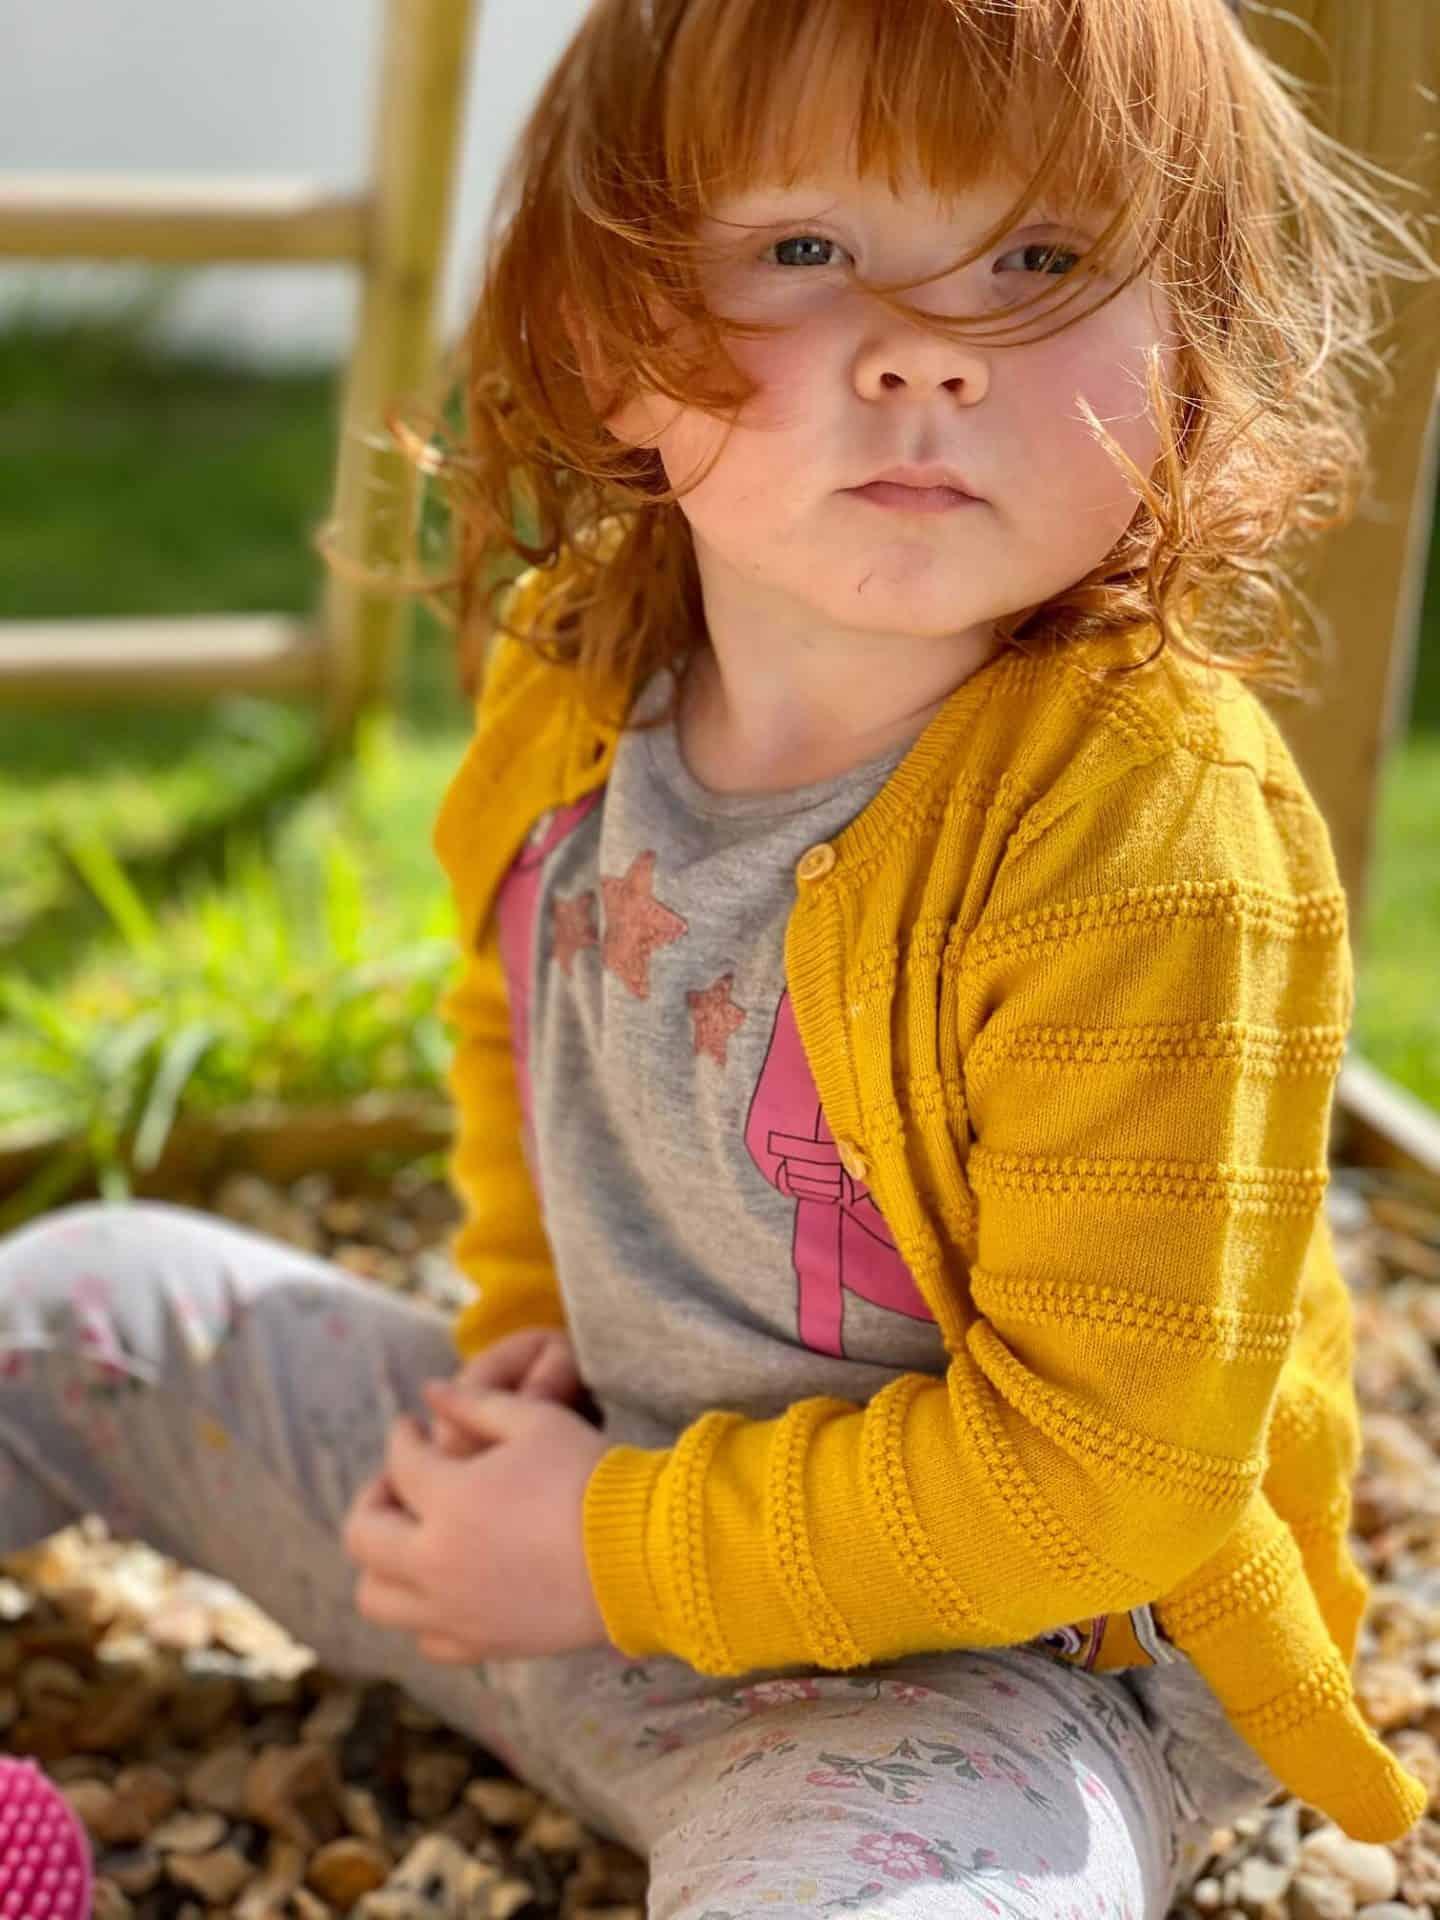 Little Dottie - August 2020